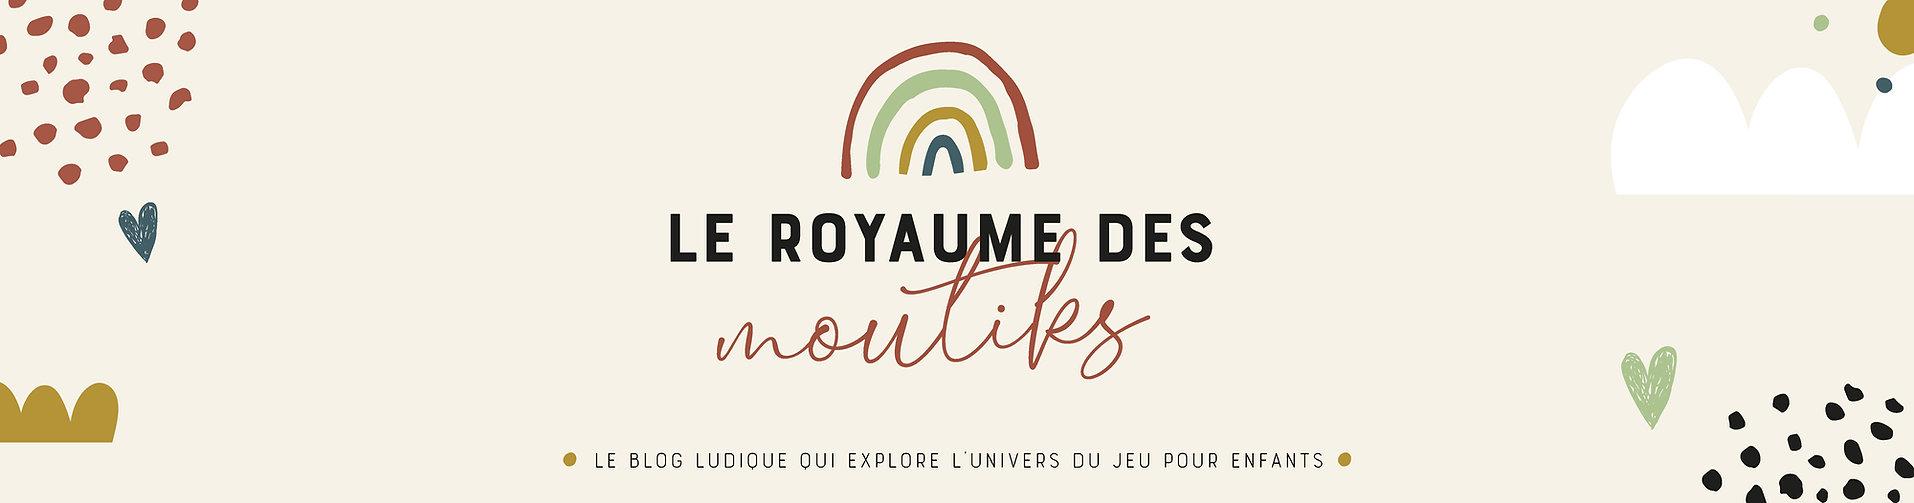 SITE_INTERNET_Le_royaume_des_moutiks_BAN